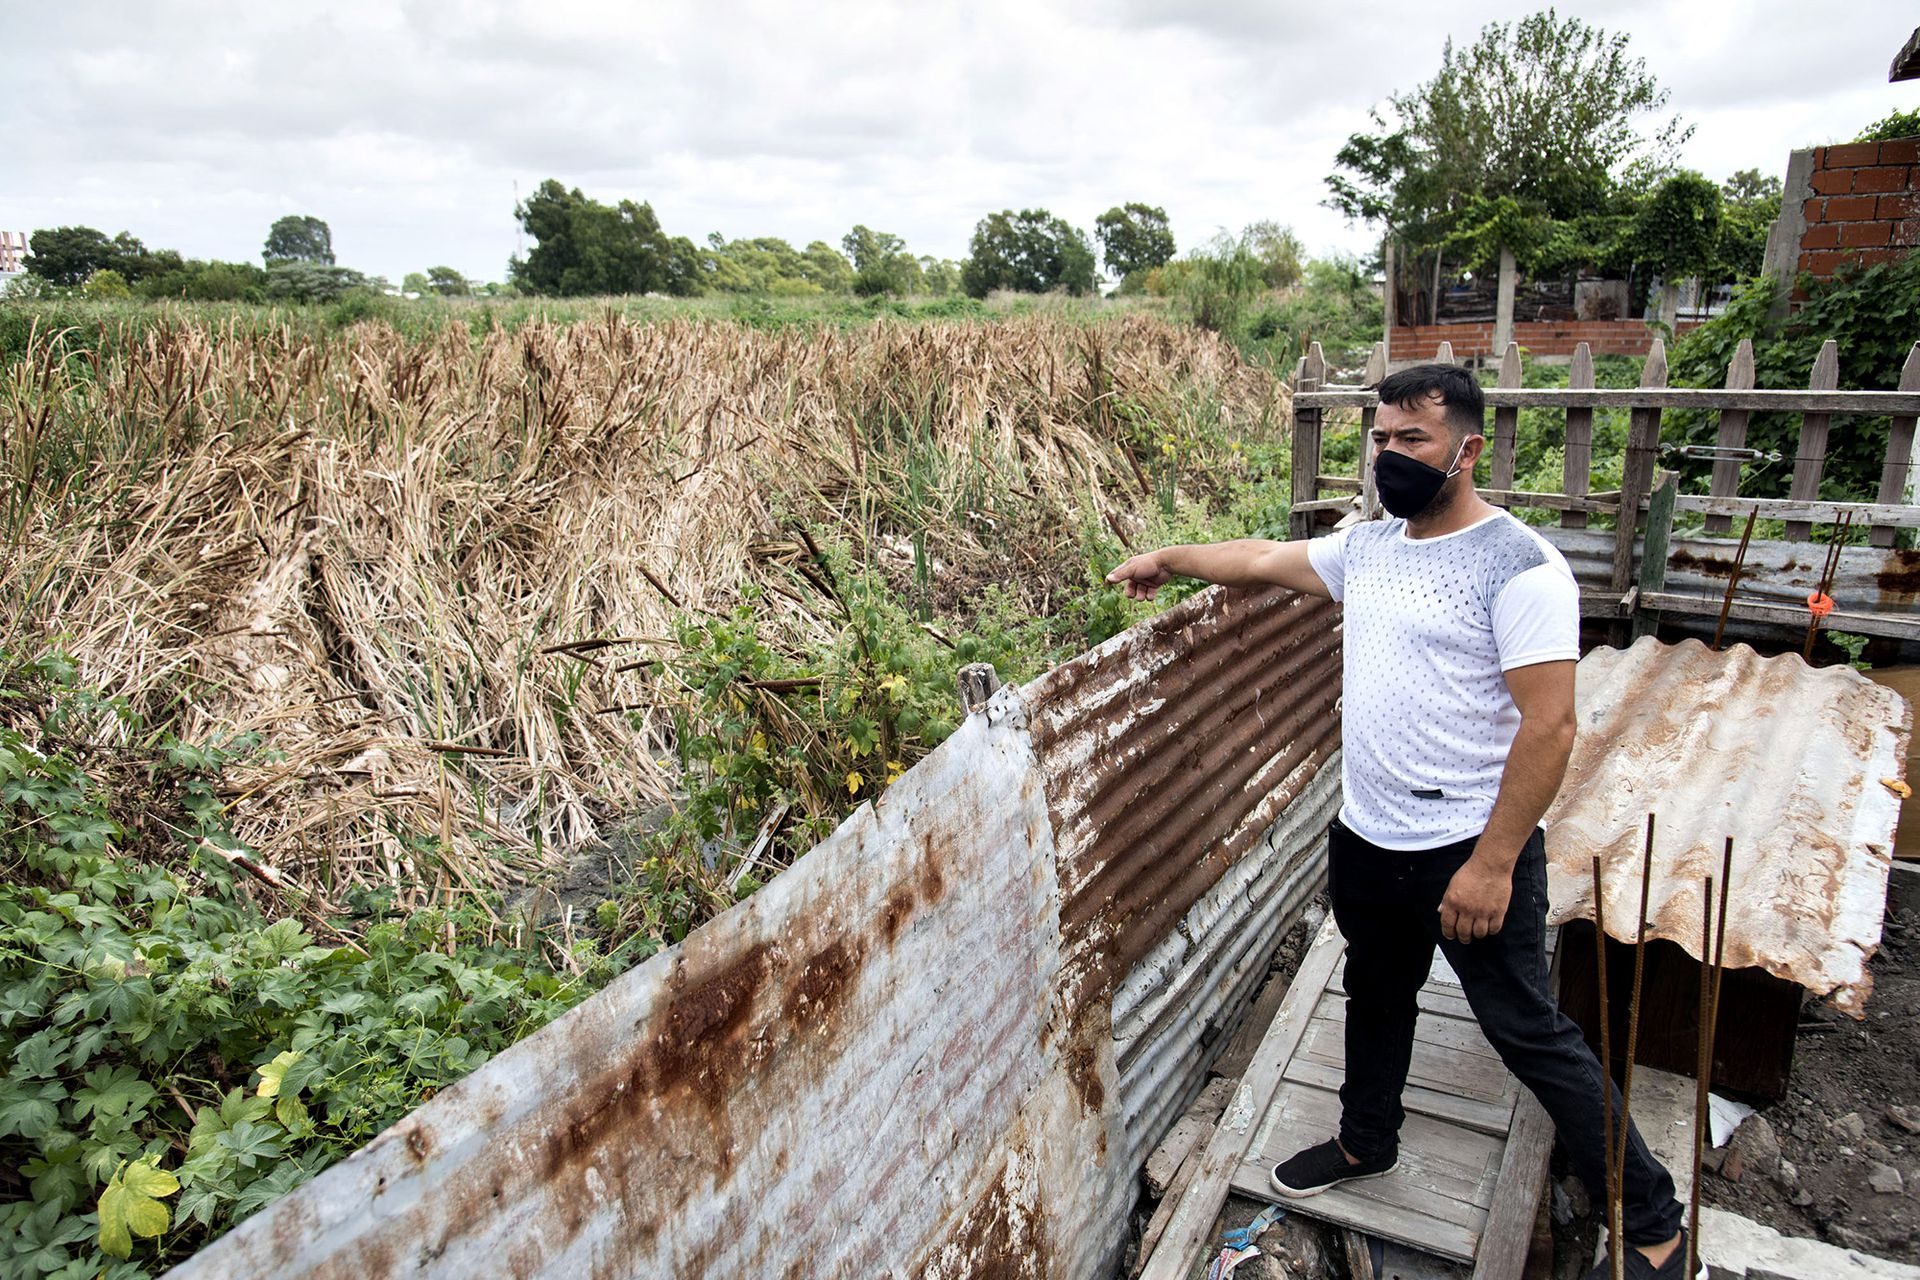 Miguel Dávalos, vecino del barrio, muestra cómo algunas casas del barrio están directamente afectadas por el terreno lindero